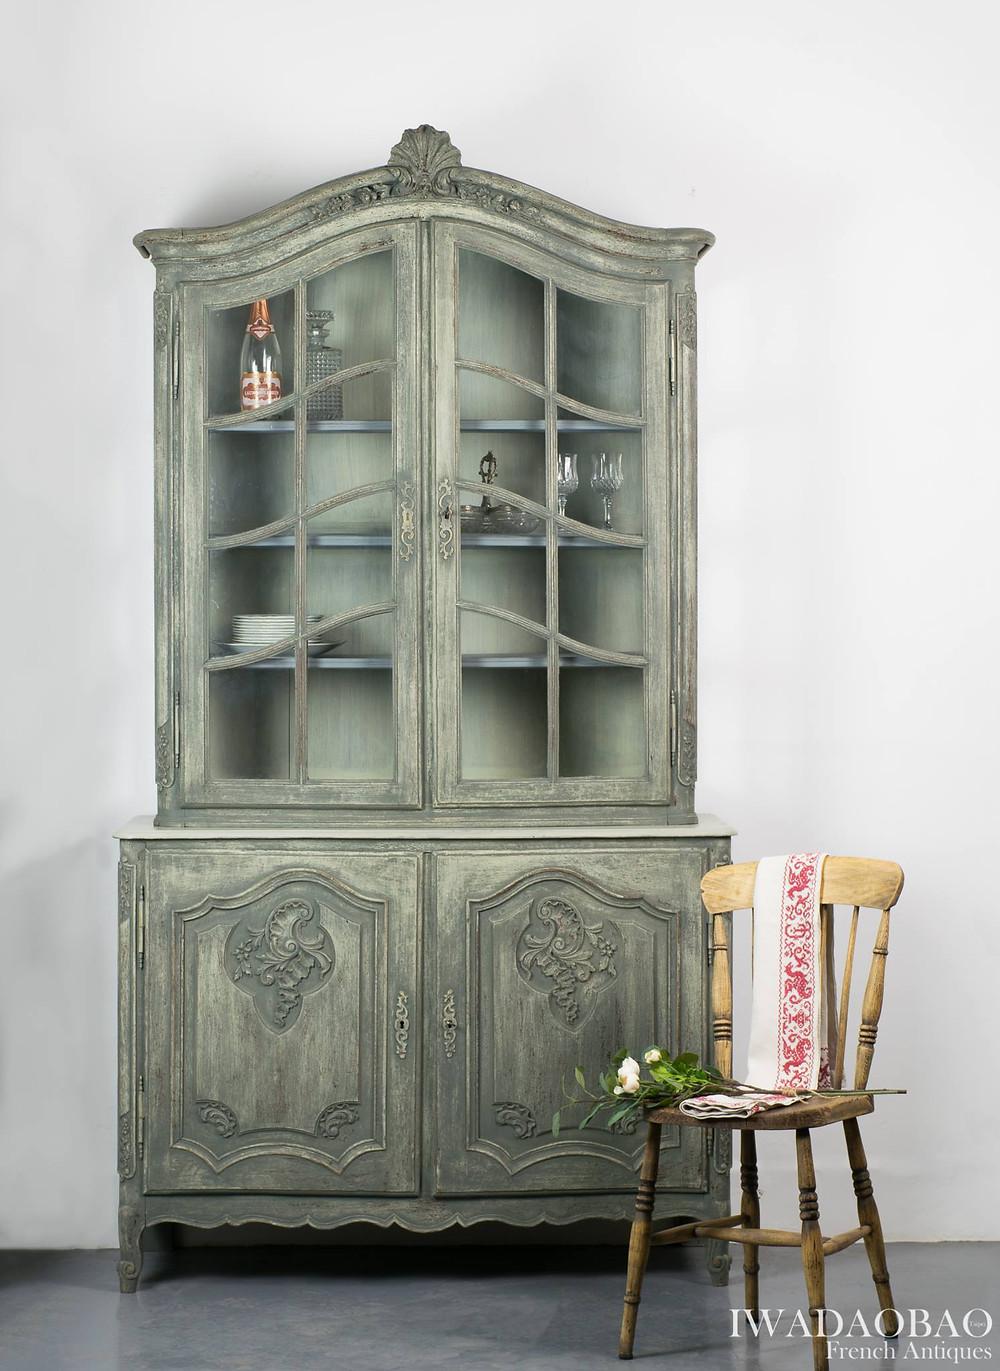 法國路易 XV 古董展示櫃